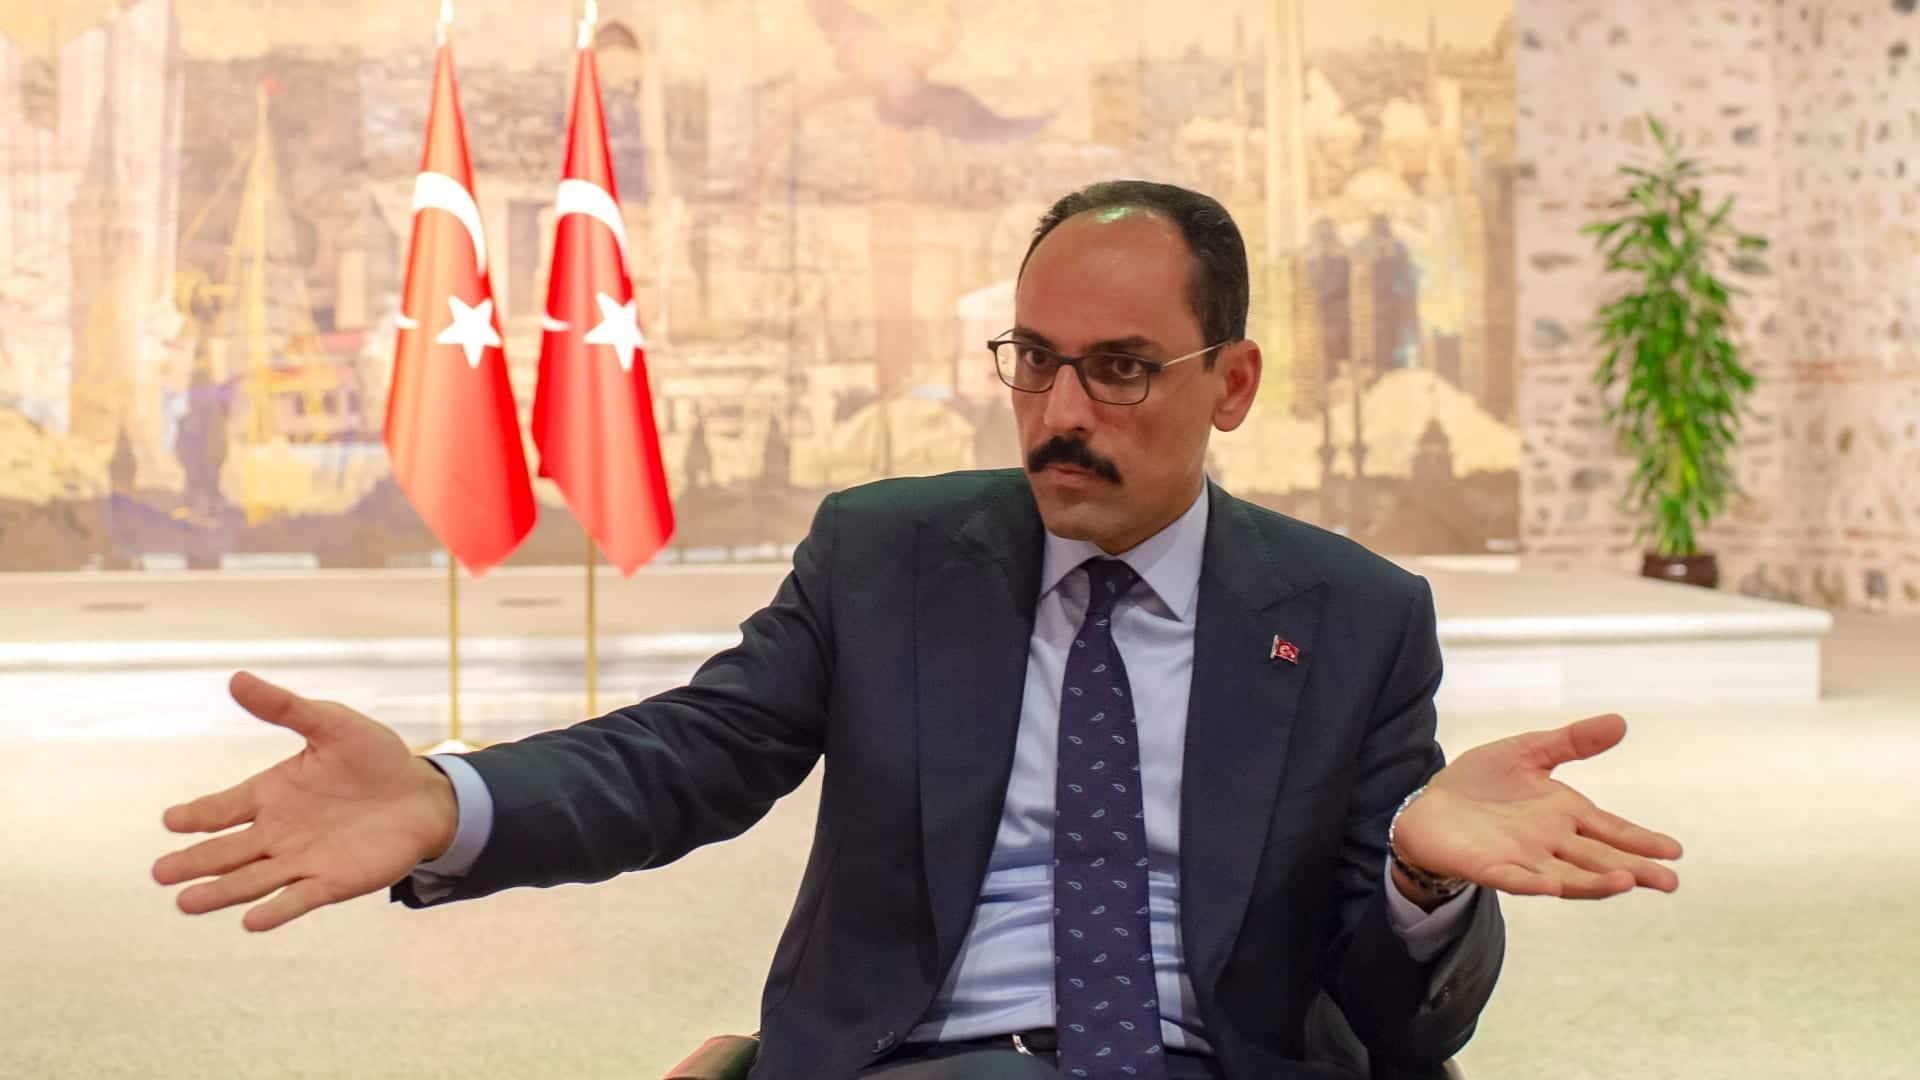 أمير سعودي يرد على مستشار أردوغان: ليس لنا عداوة مع أحد ولكن